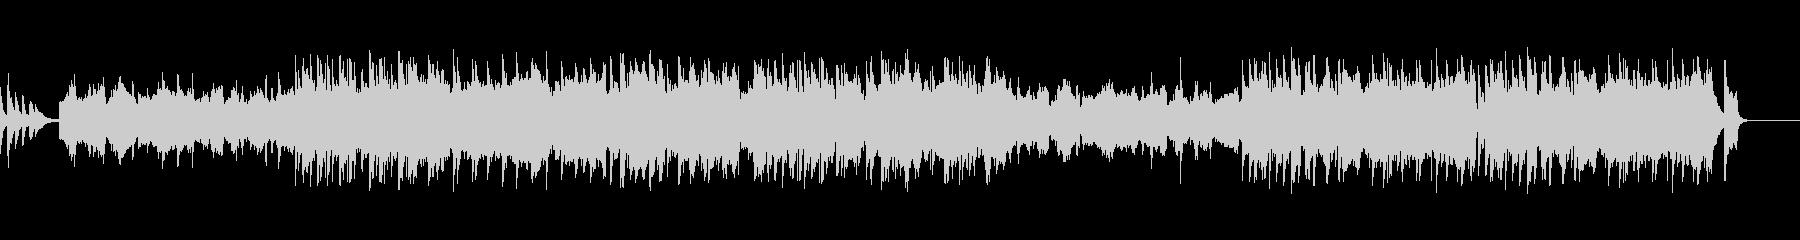 さわやかでちょっと切ないメロディの未再生の波形